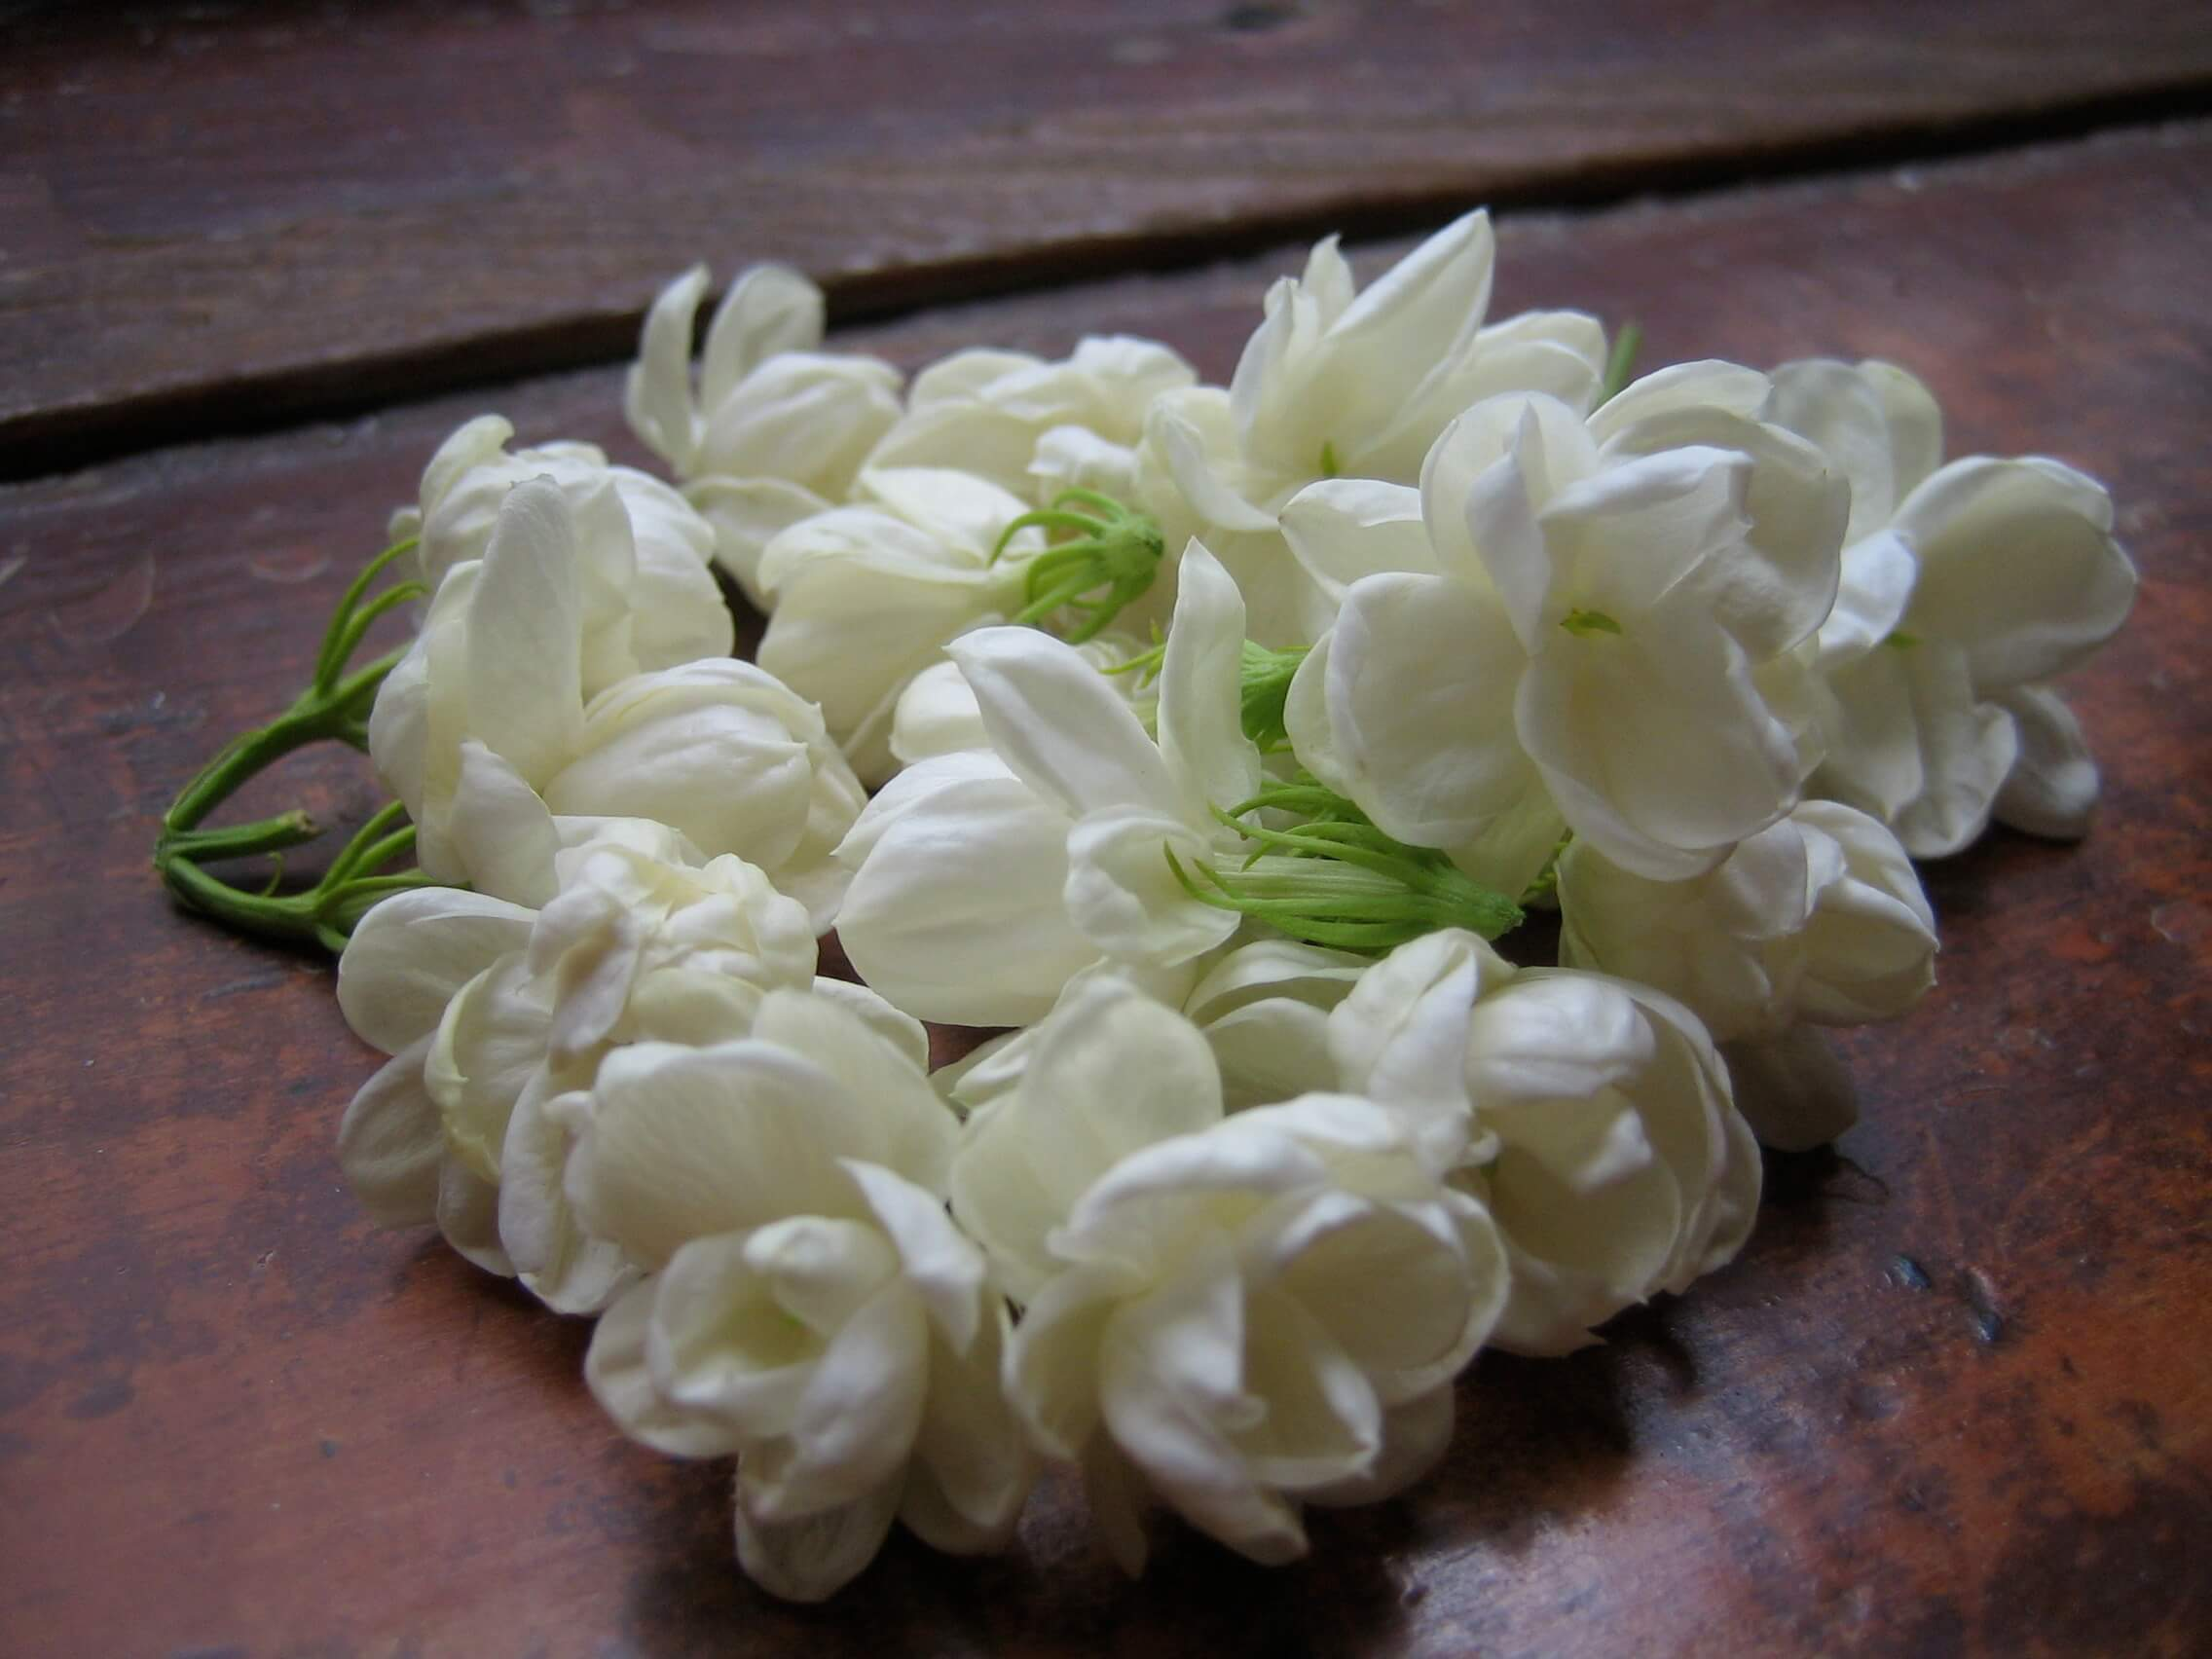 Manfaat Bunga Melati